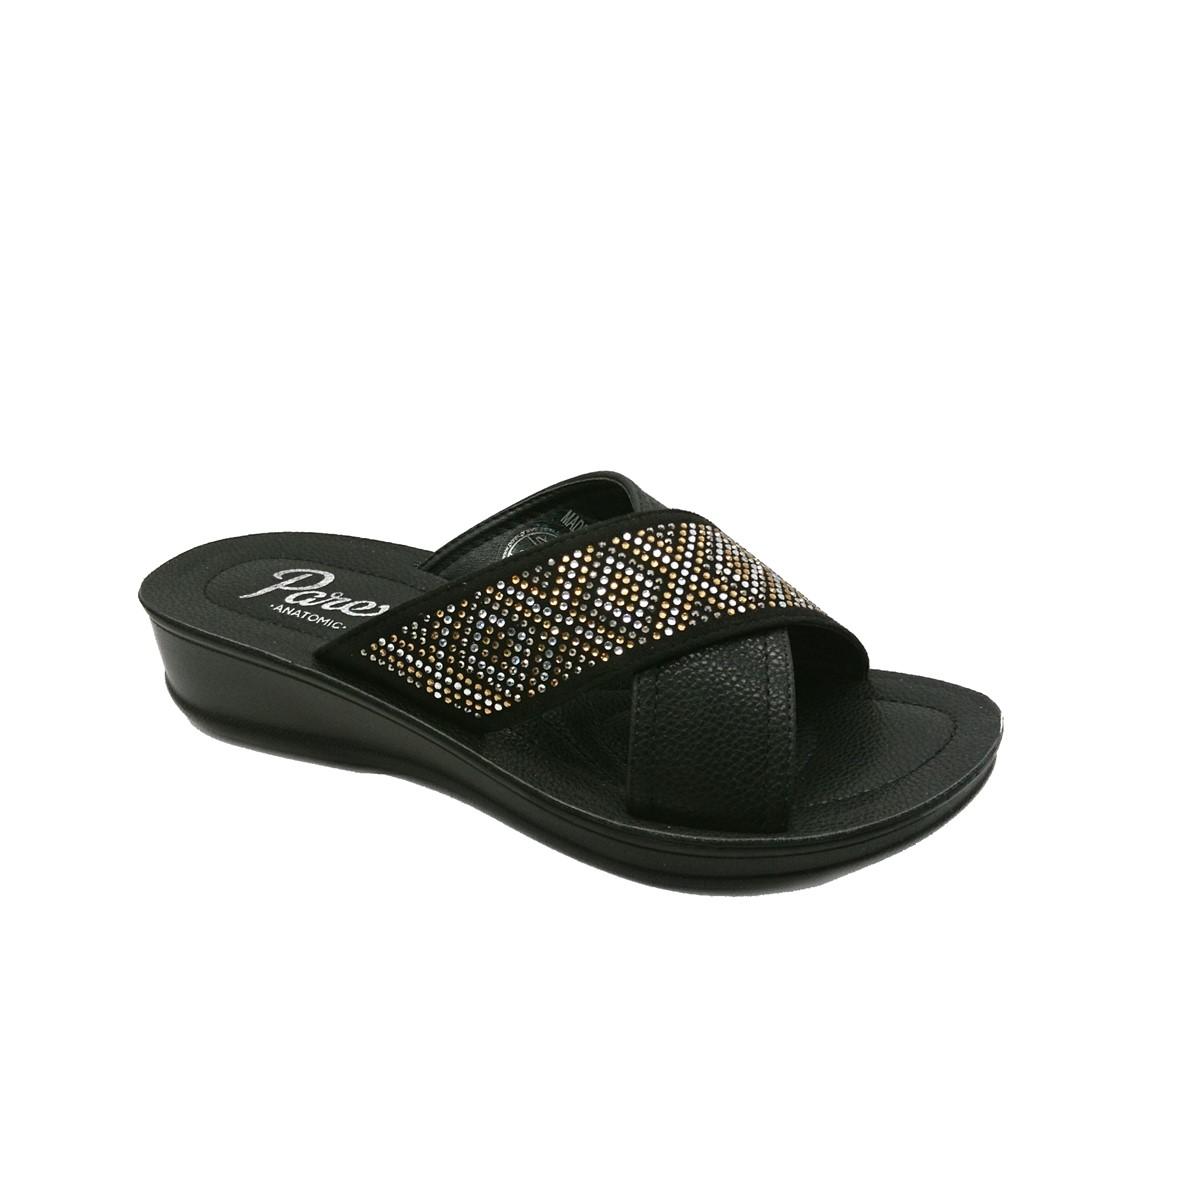 Γυναικείες Παντόφλες Comfort 121-19-014.B Parex Μαύρο